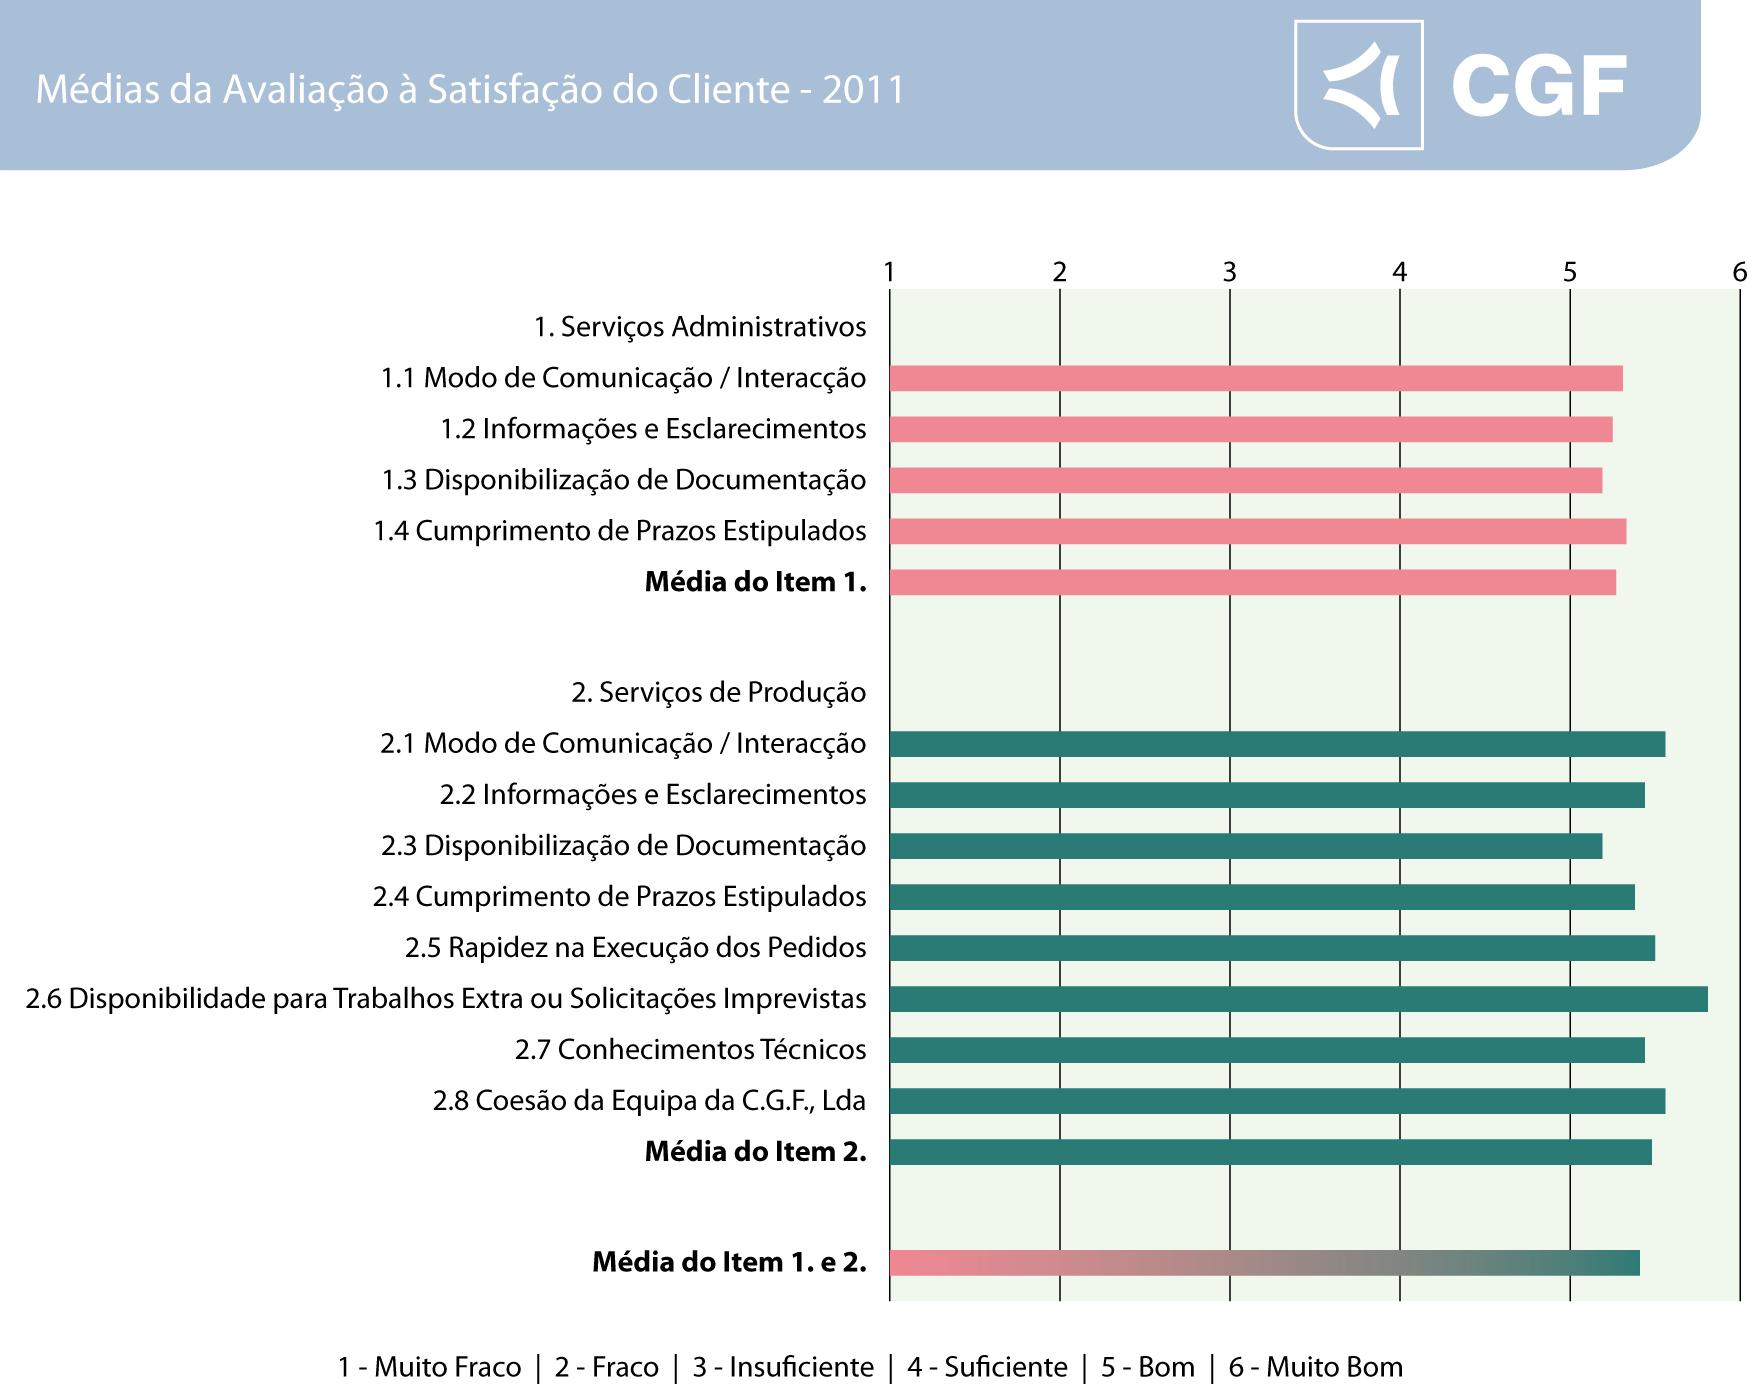 Listagem Avaliação Satisfação Cliente 2011